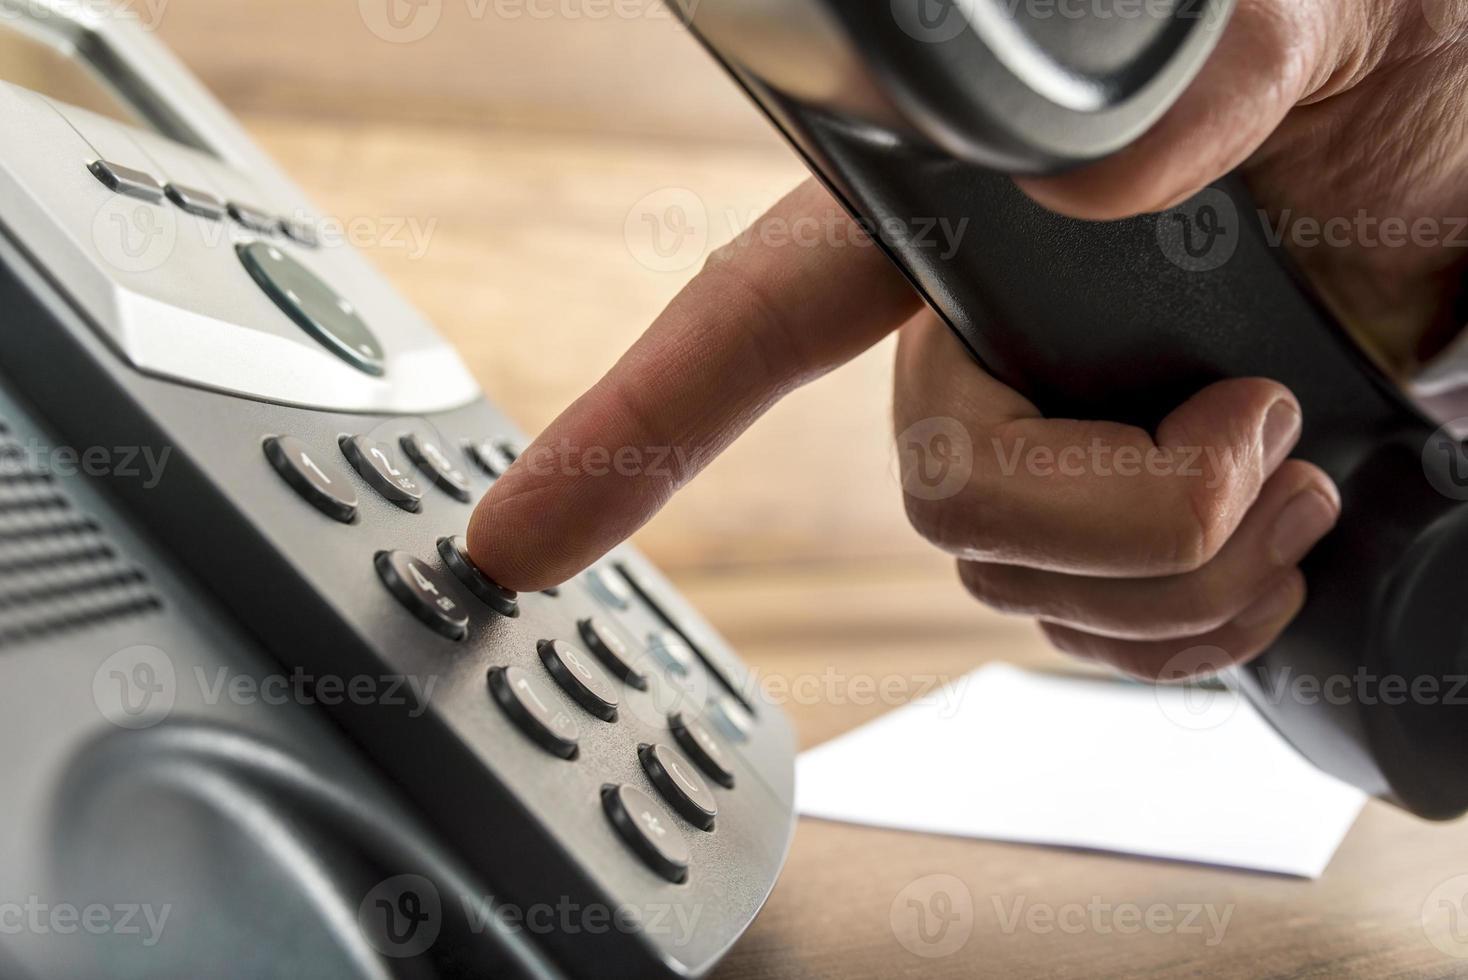 mannenhand een telefoonnummer bellen foto